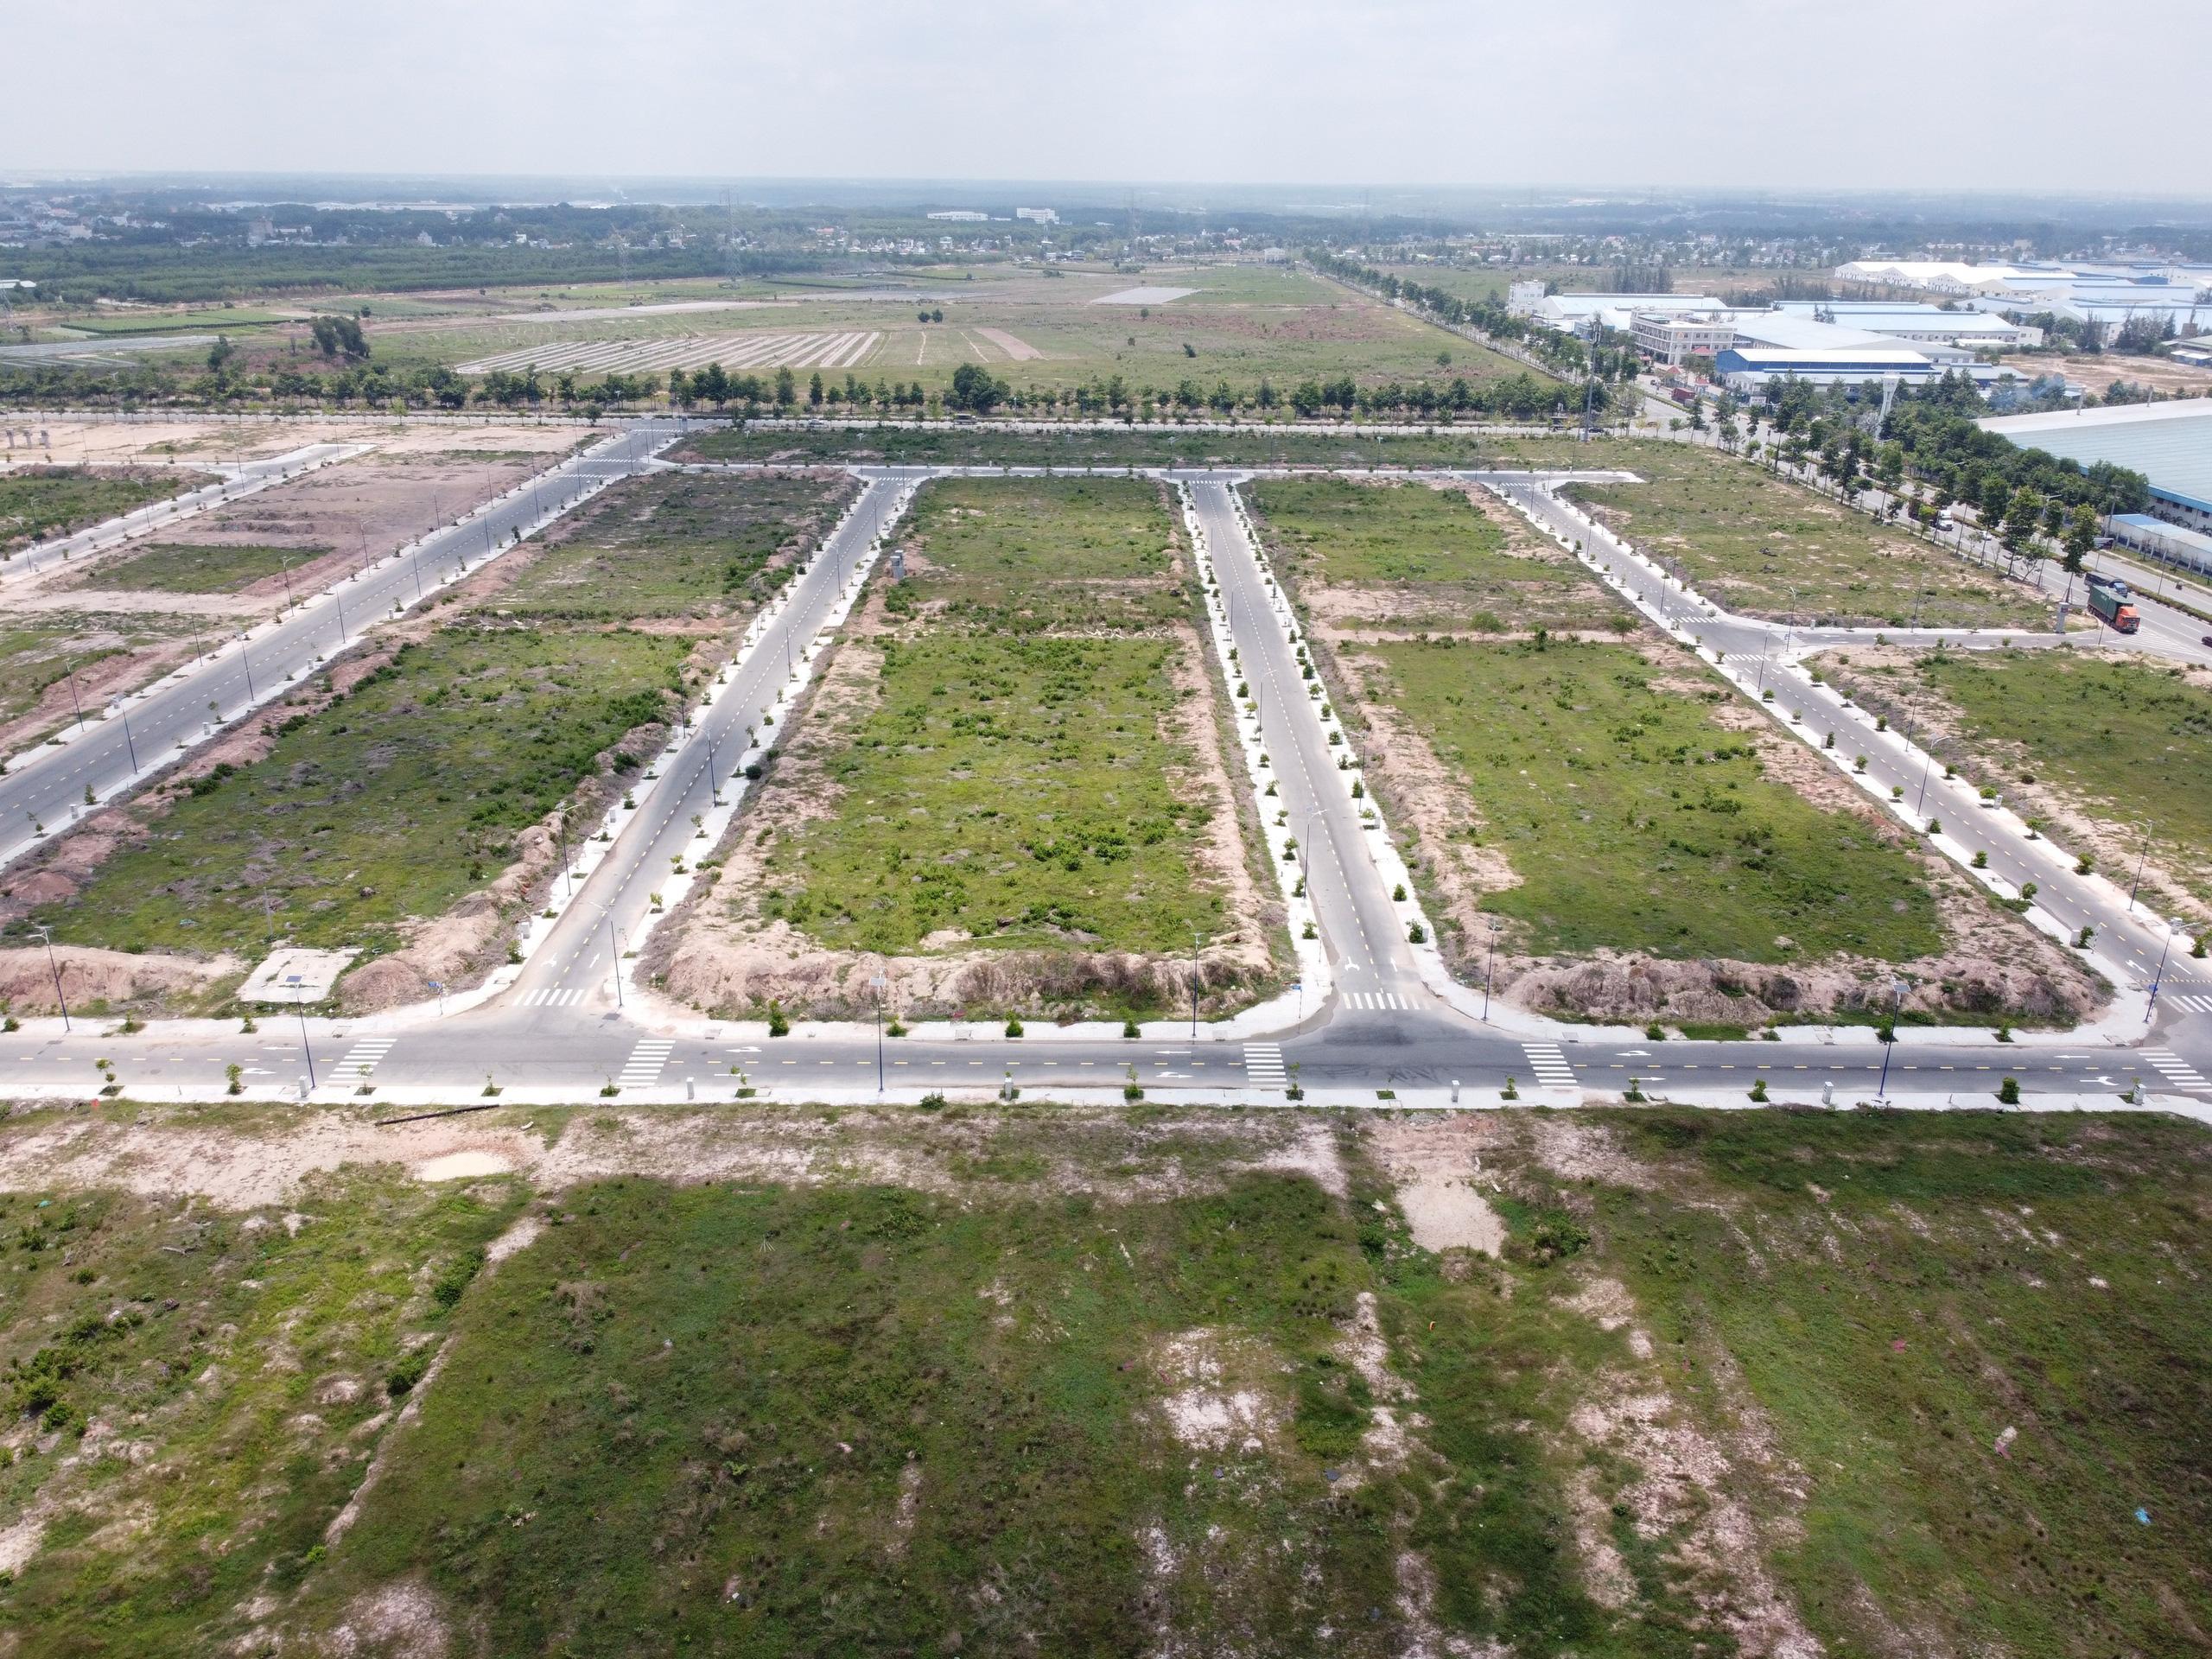 Cận cảnh 4 khu đất khoảng 1.000 tỷ ông Dũng 'lò vôi' tặng quỹ phòng chống COVID-19 - Ảnh 9.